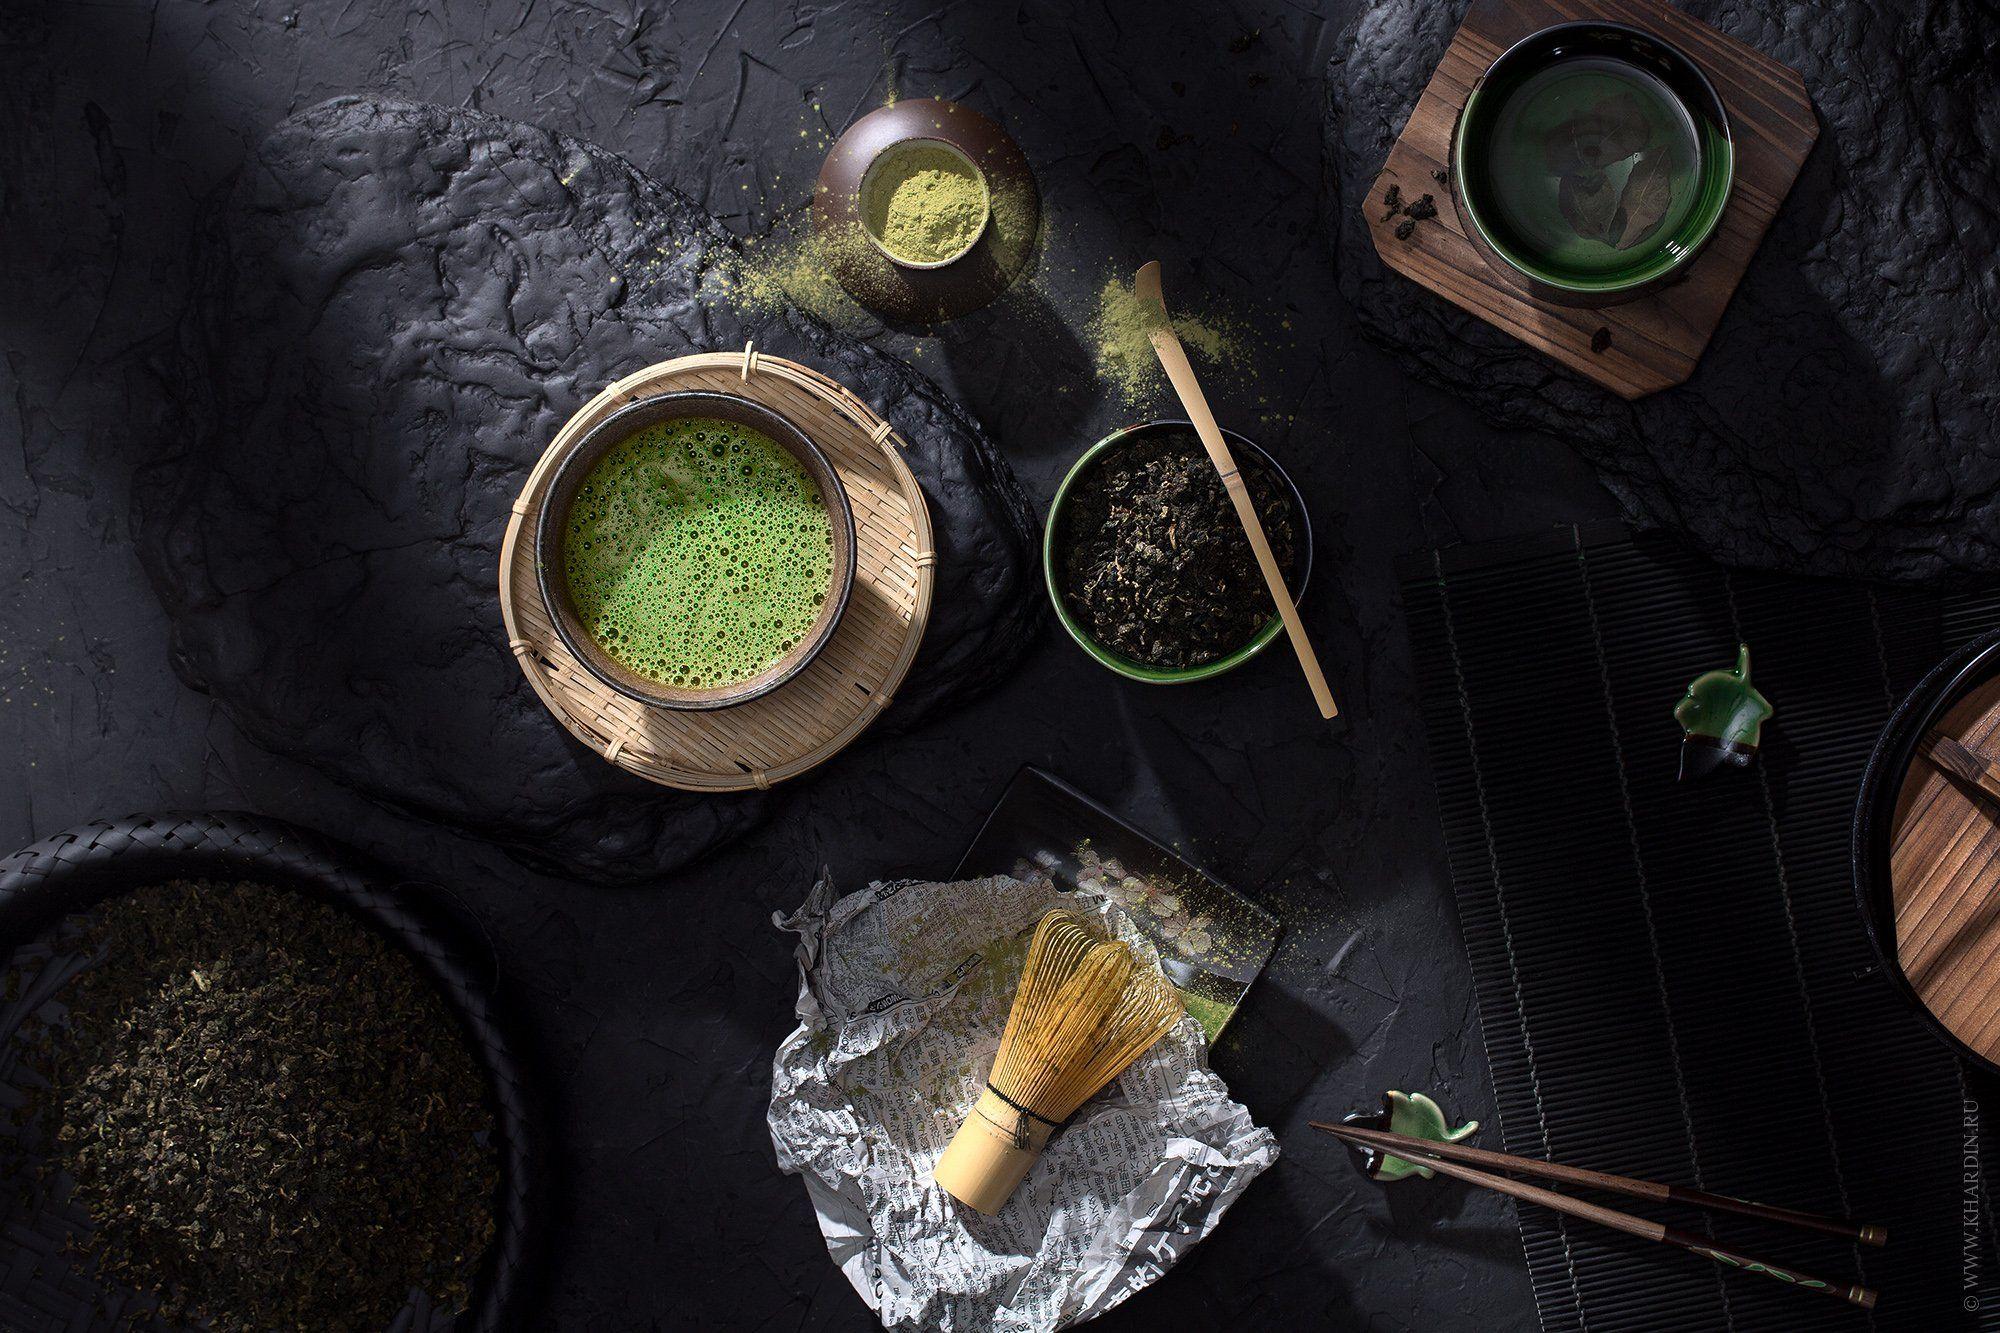 抹茶, matcha, маття́, Khardin Alexander